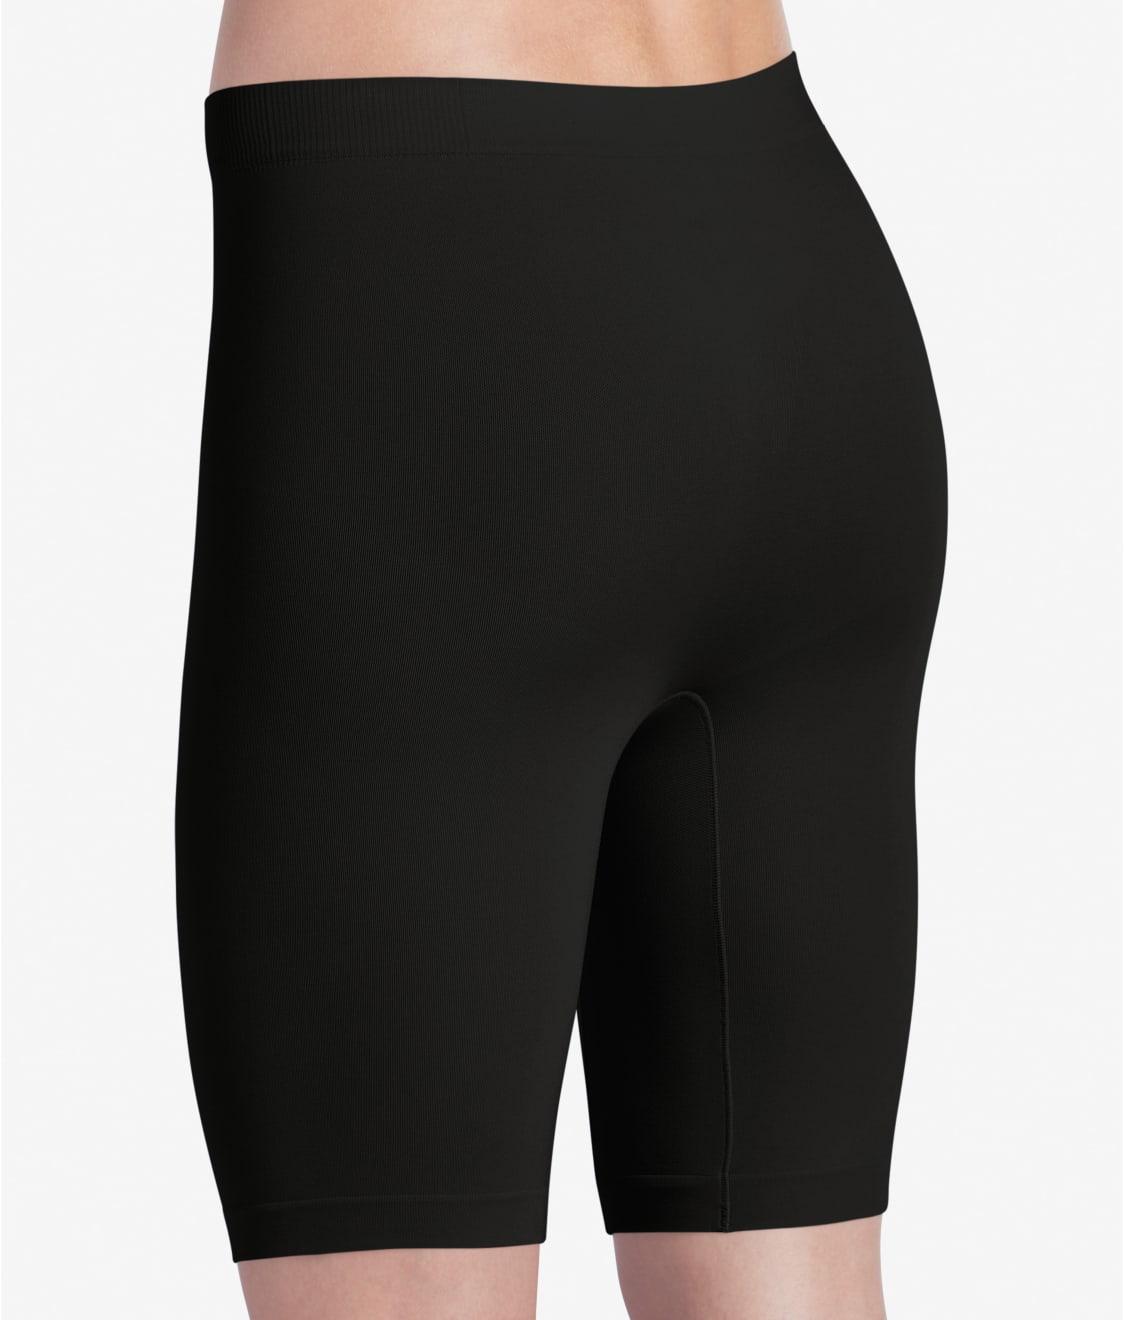 1c0d4612192 See Skimmies Slipshort in Black